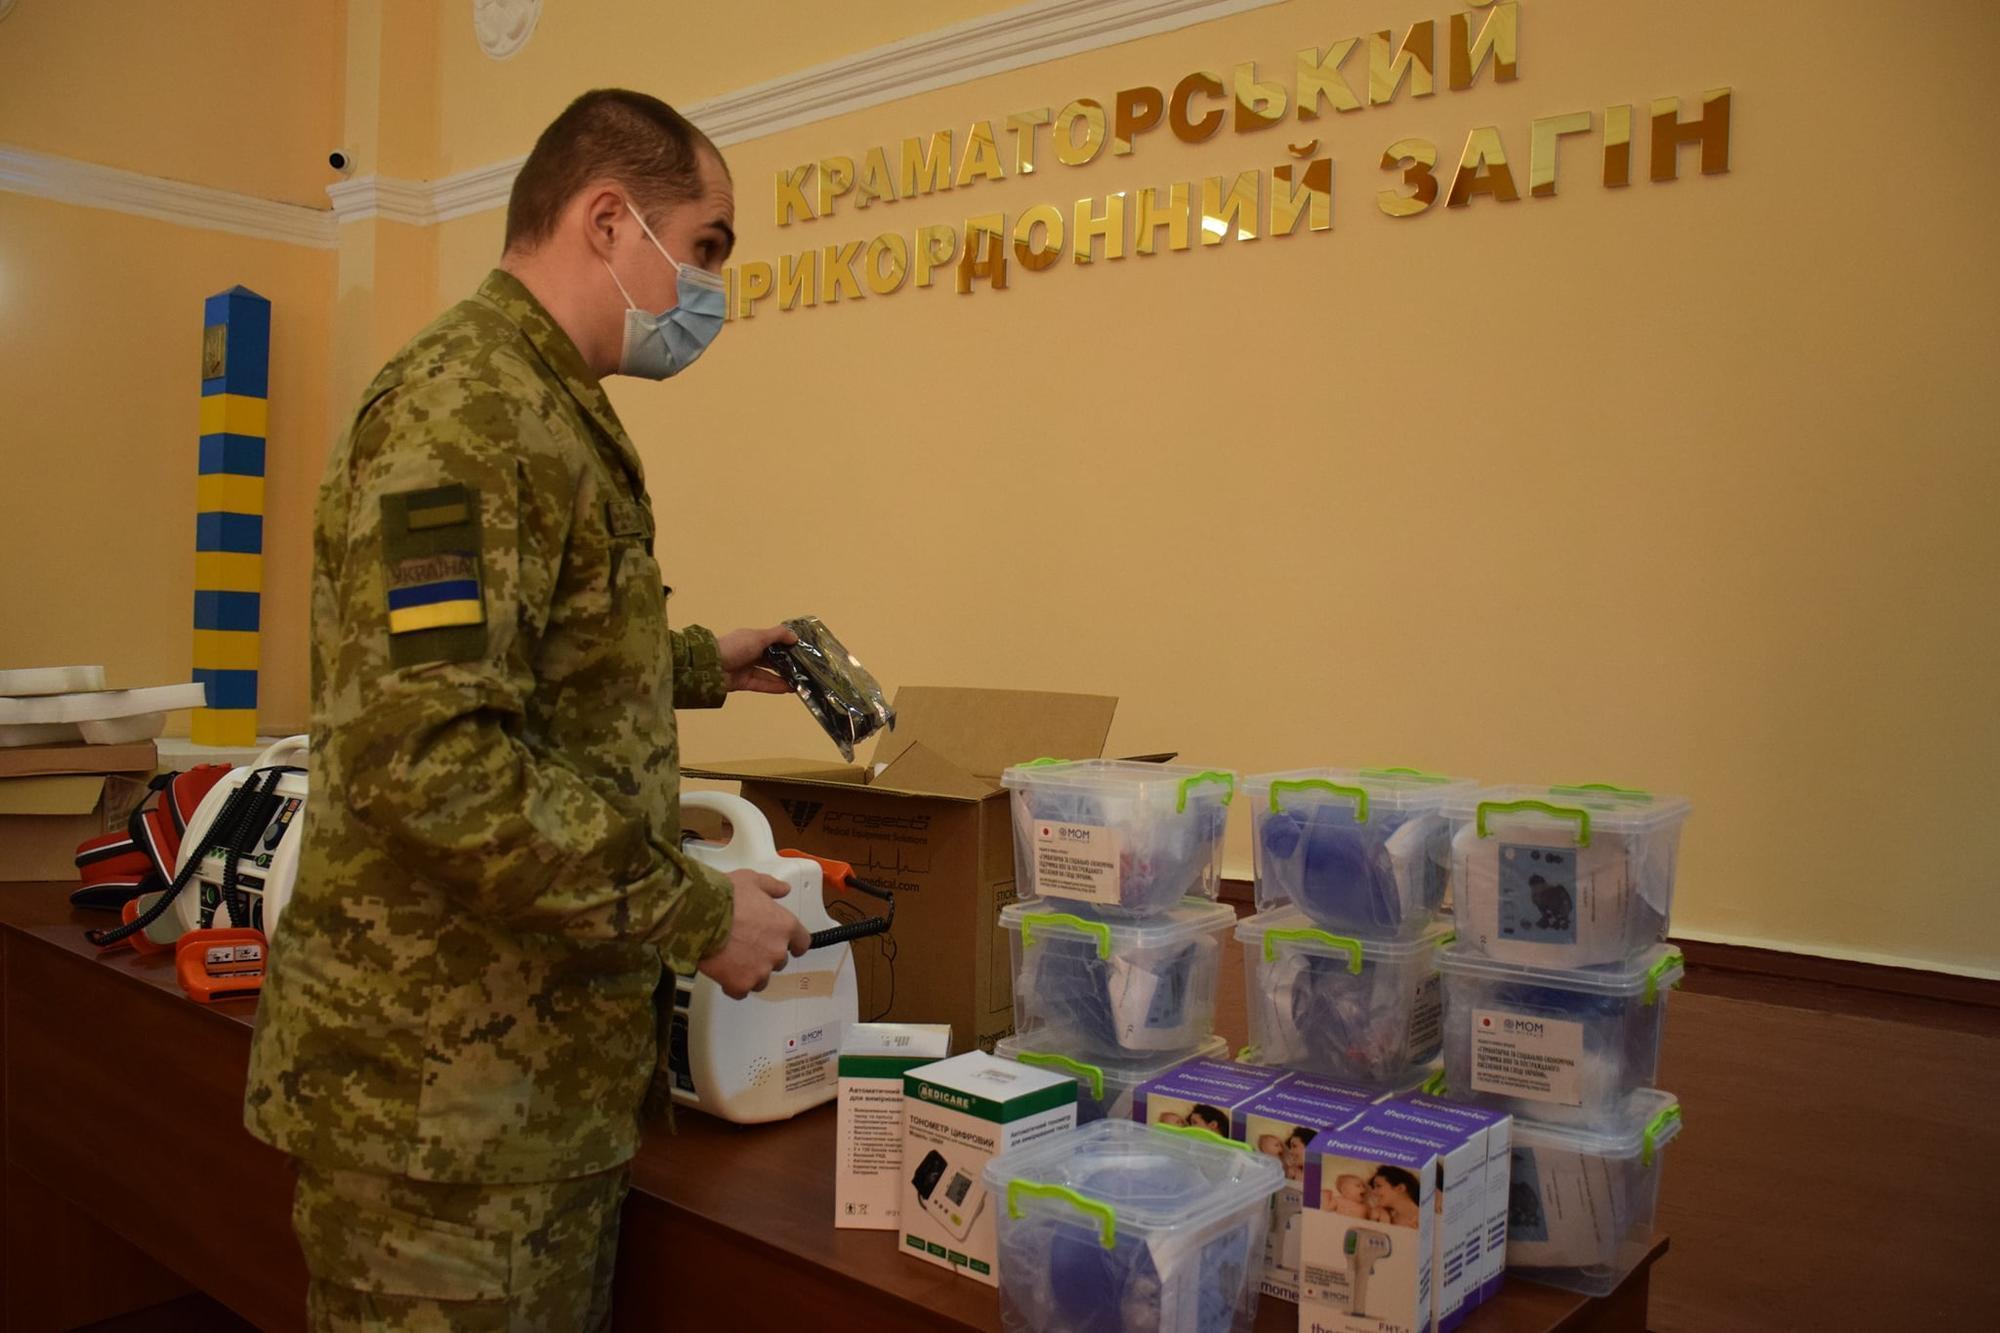 прикордонники на Донеччині отримали медичне обладнання для реанімації